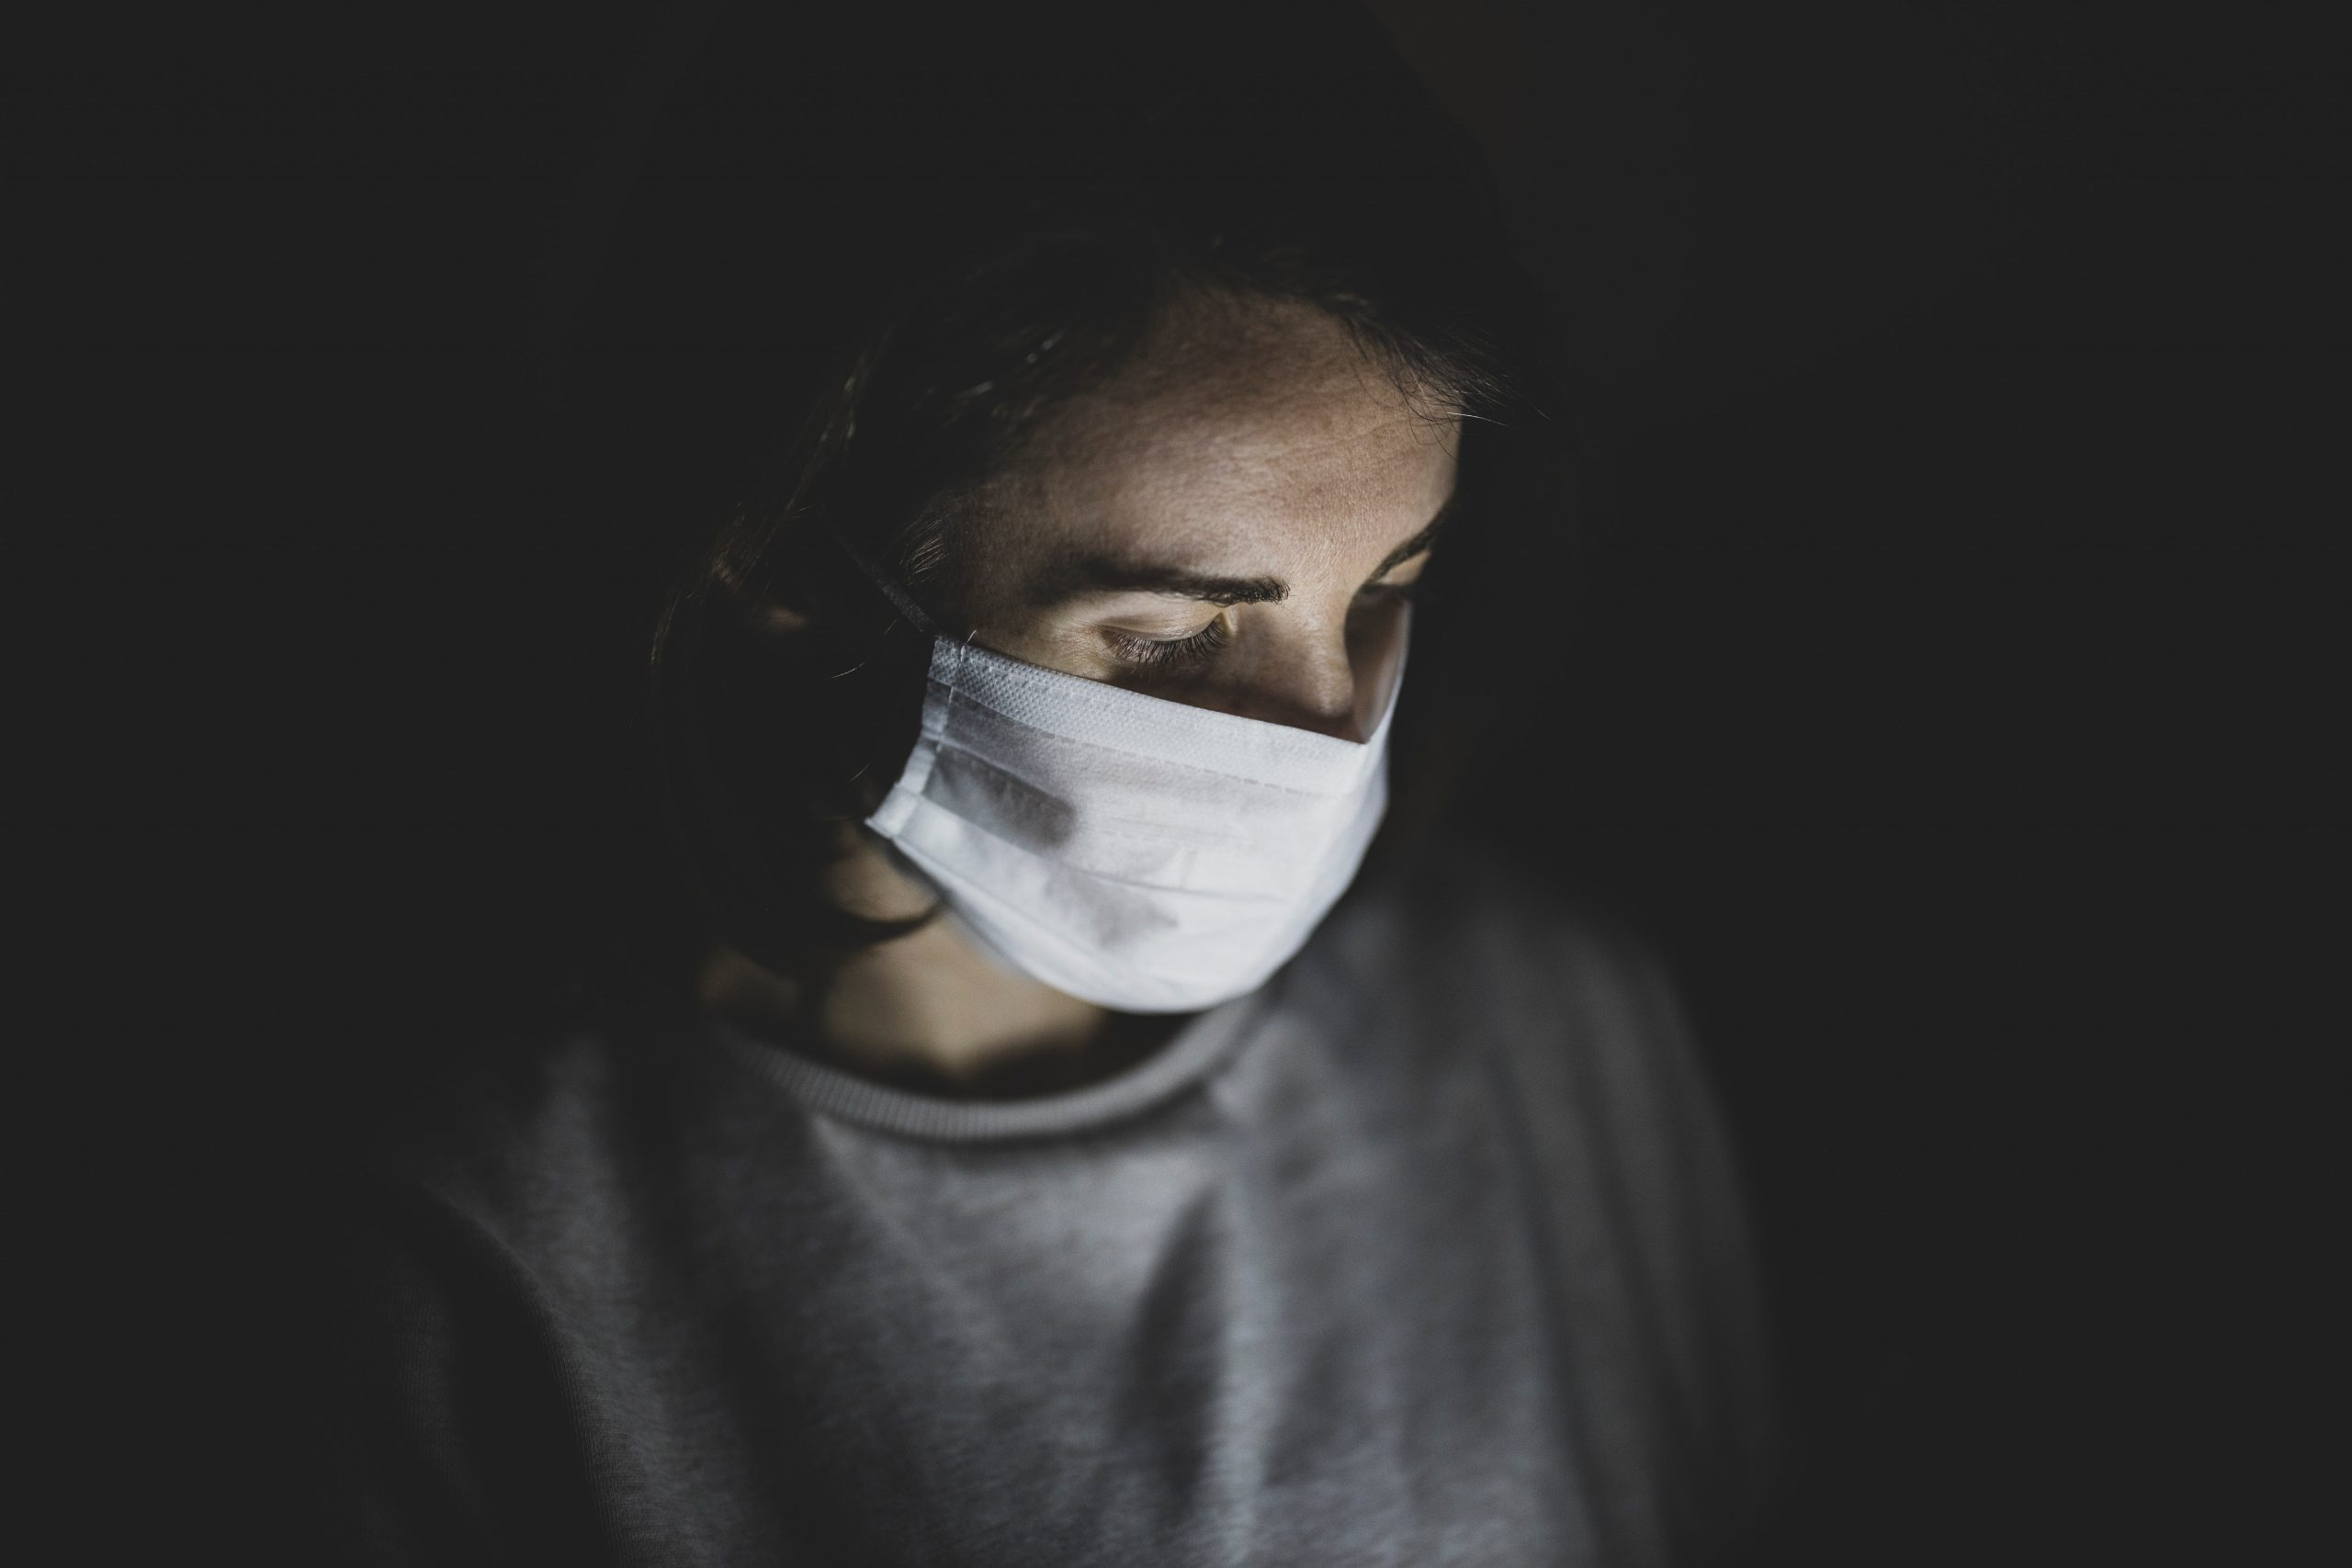 masque de protection coronarivrus